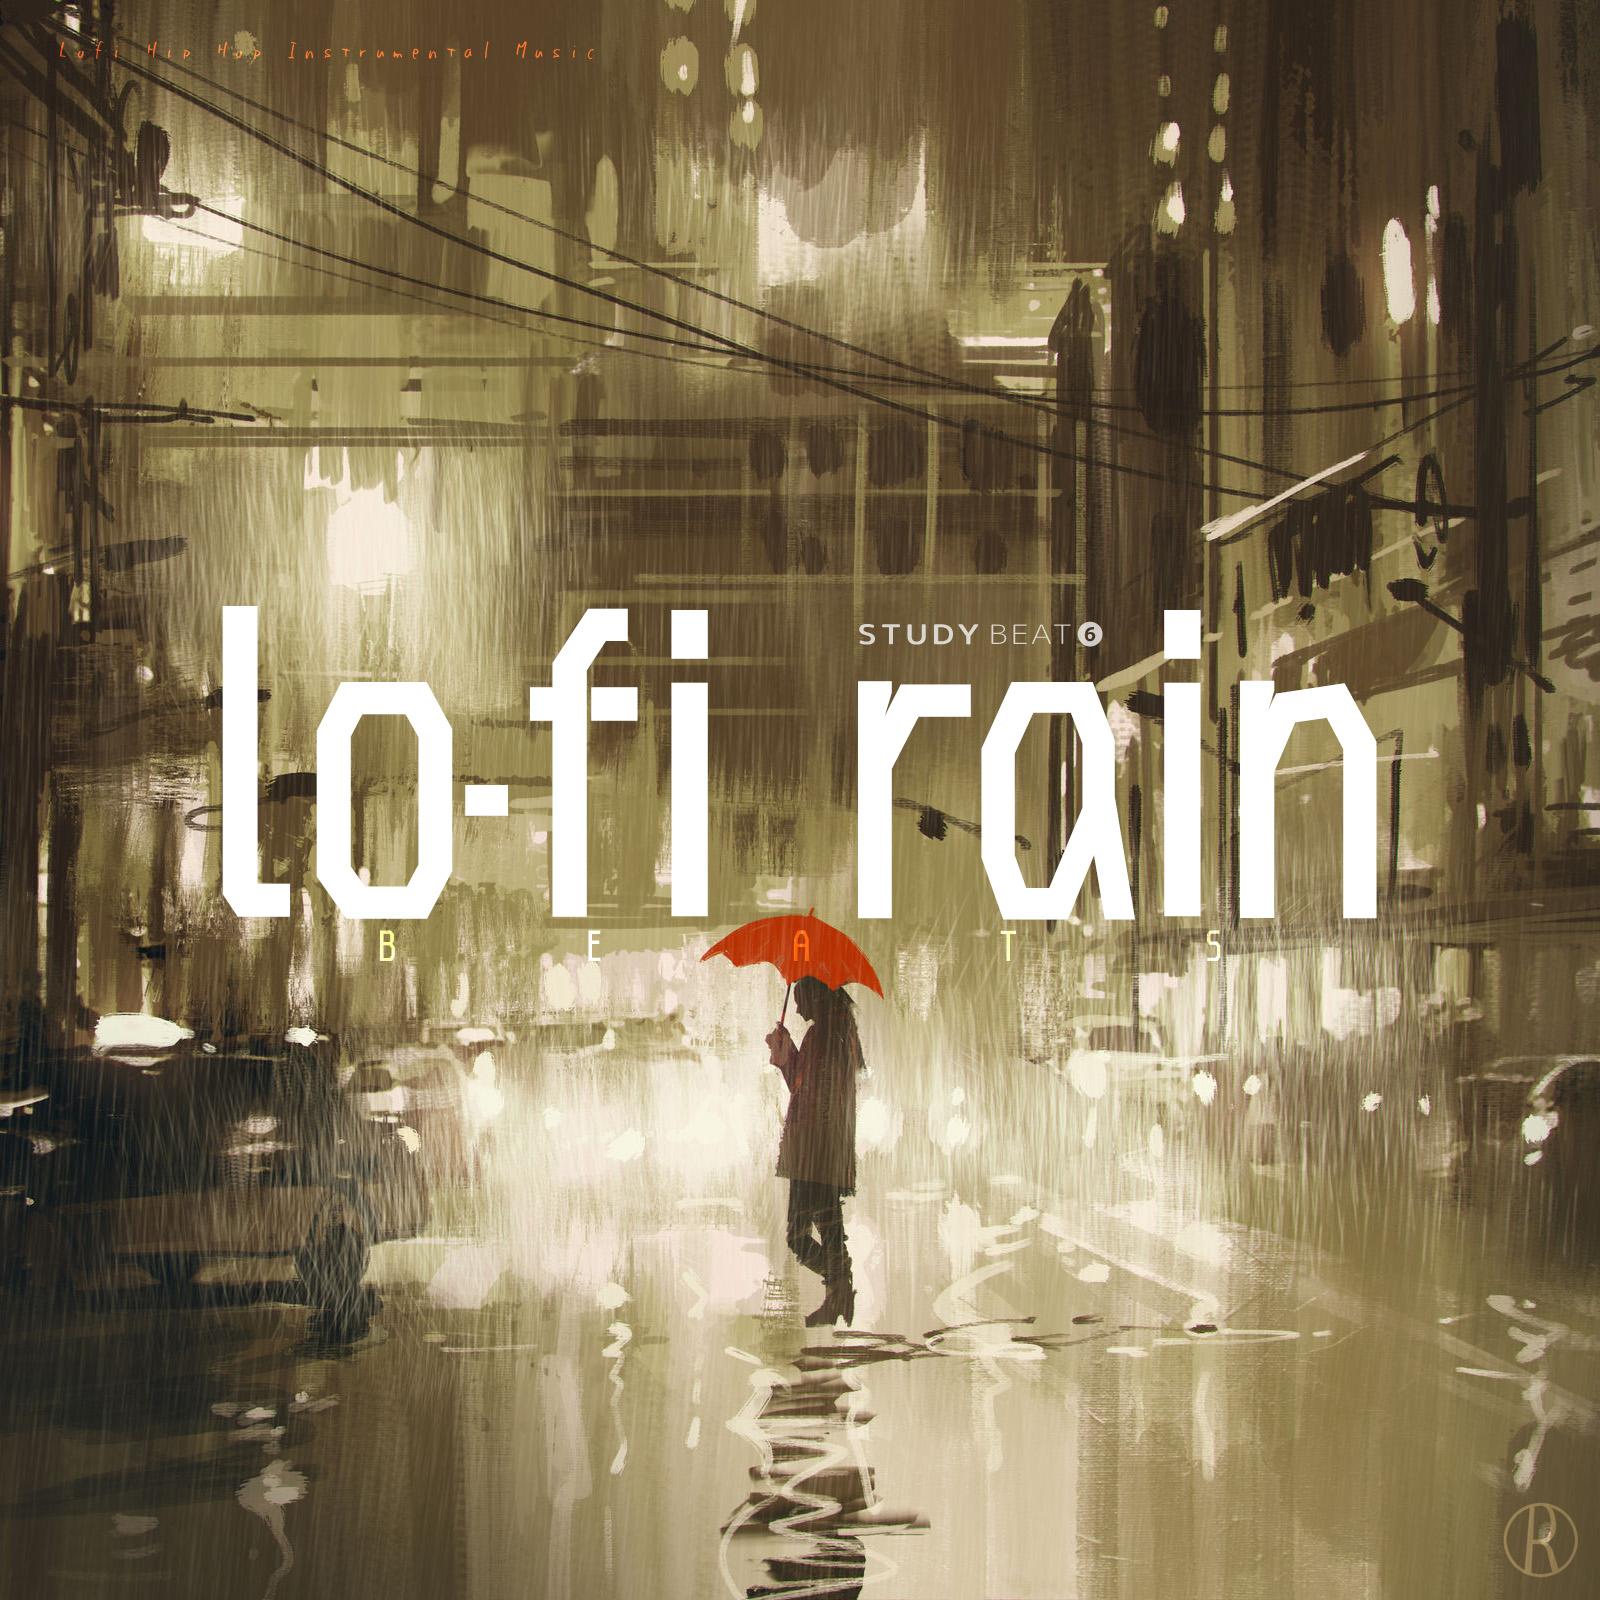 Lo-Fi Rain Beats - Lo-Fi Rain (Lofi Hip Hop Instrumental Music) - Study Beat 6